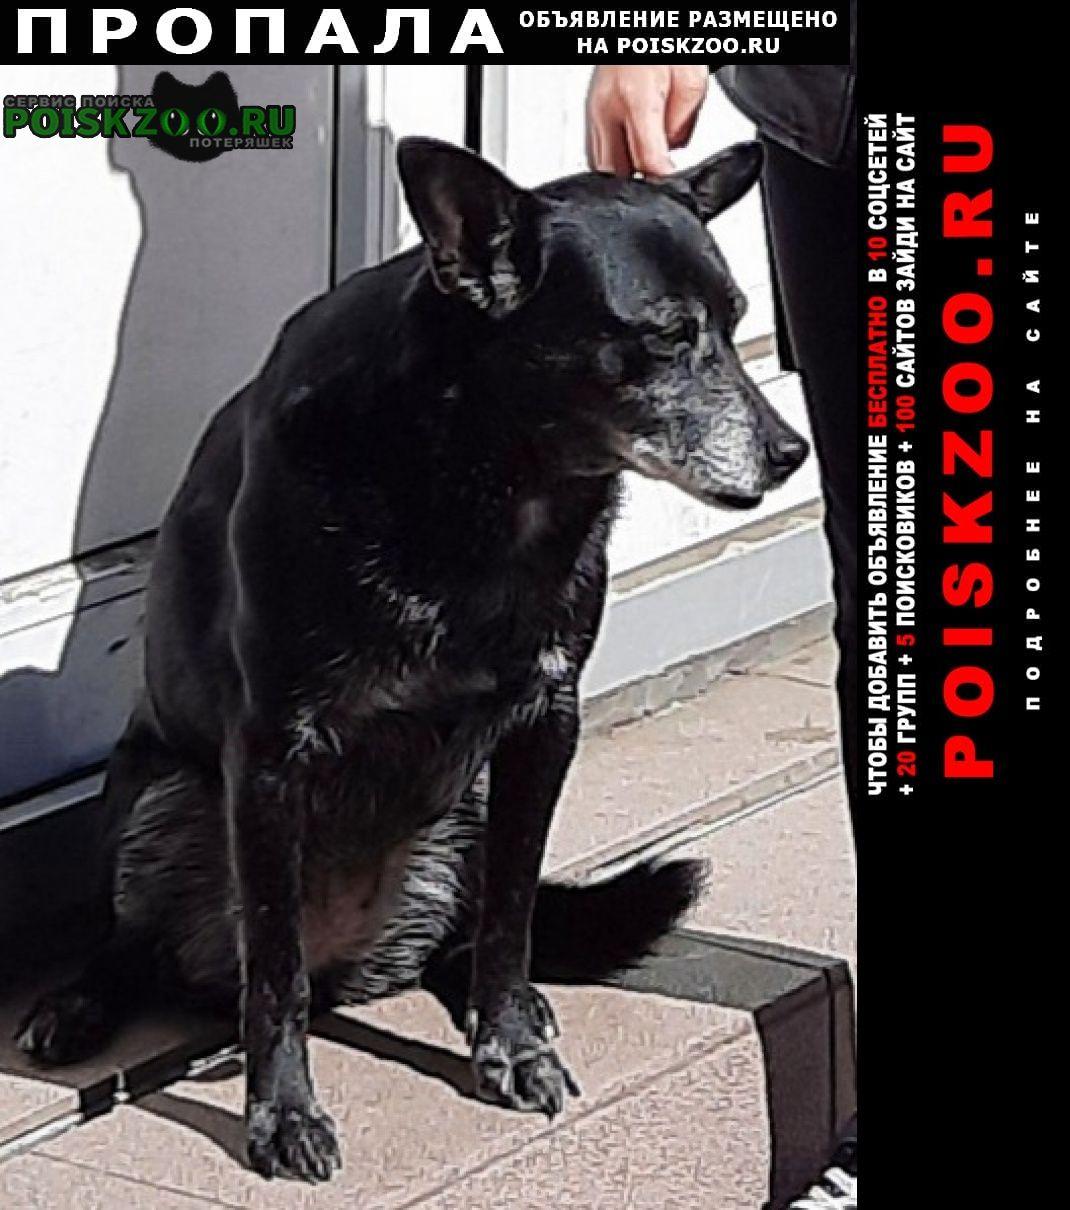 Пропала собака возле дома абрикосовая 20 на макаренко Сочи